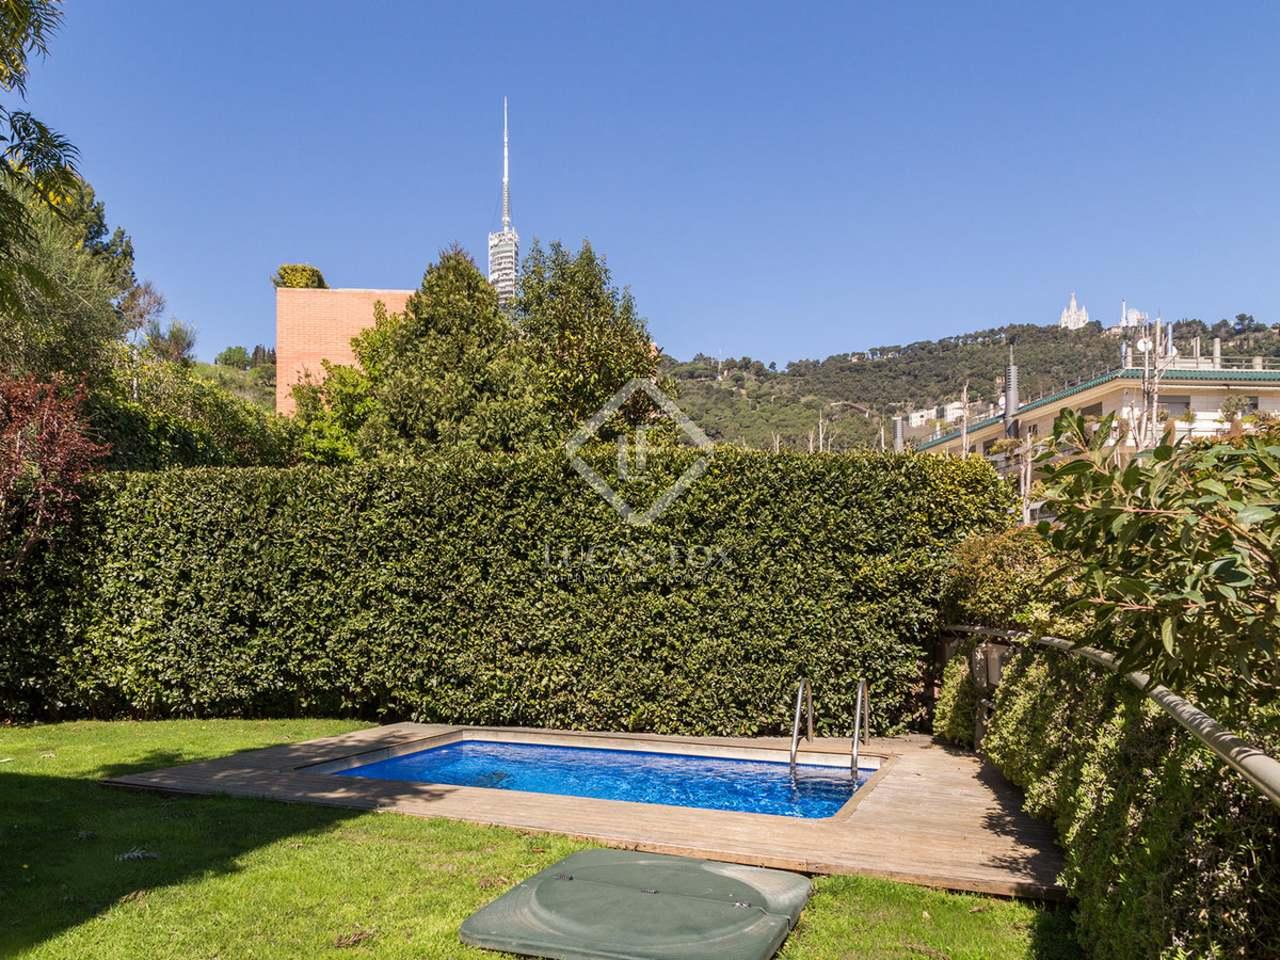 Bonita casa en alquiler en la zona alta de barcelona for Casa con jardin barcelona alquiler